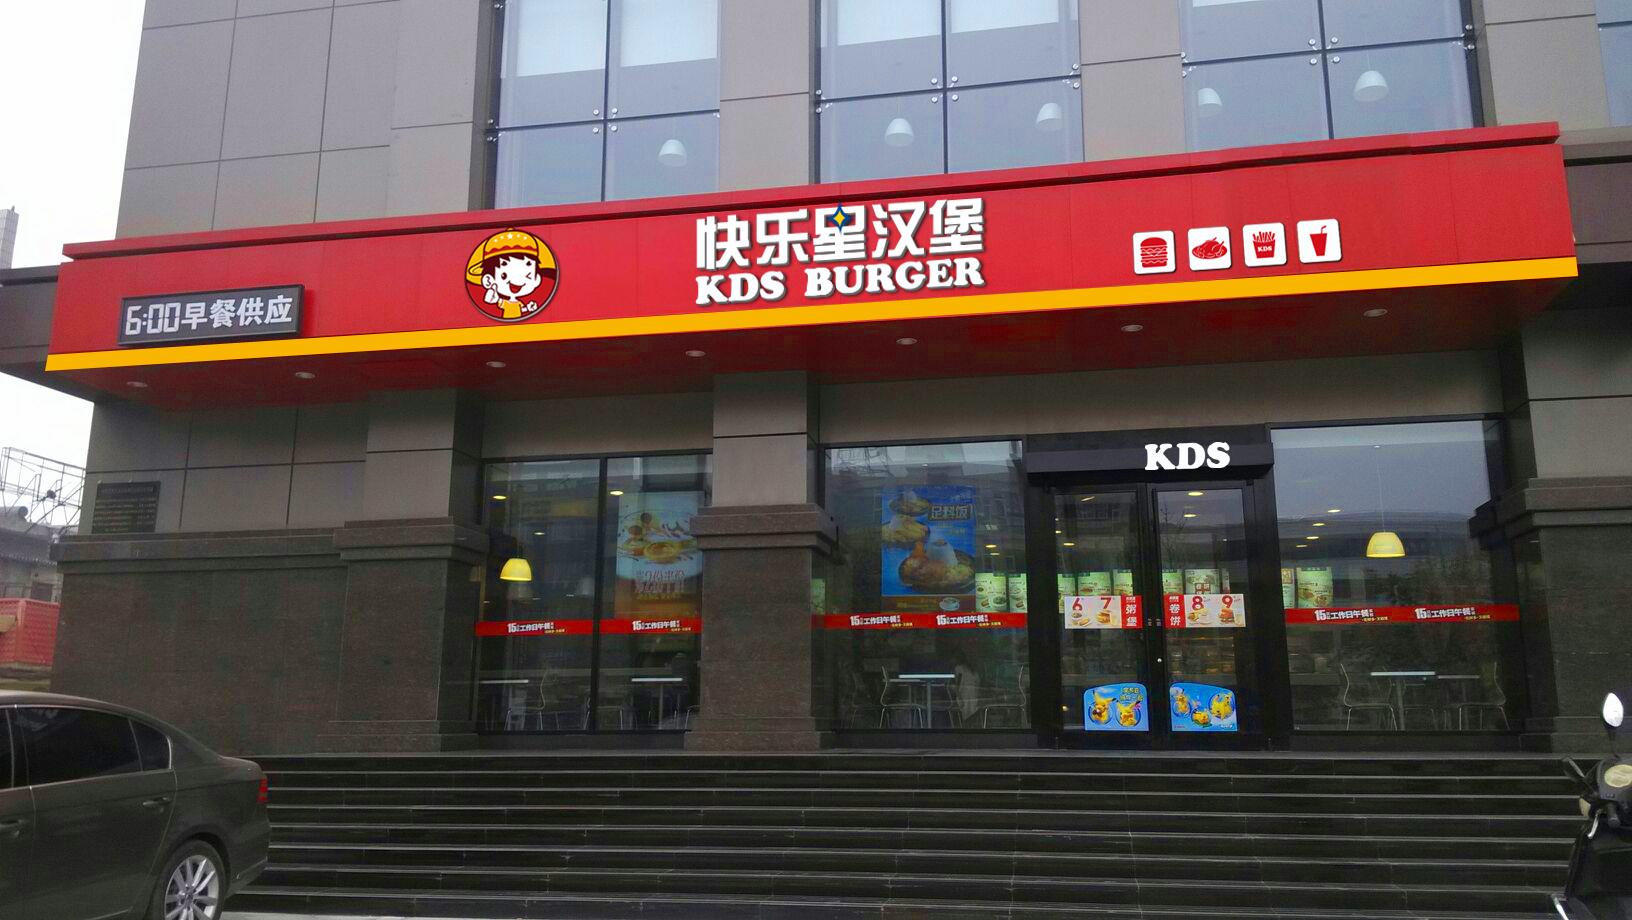 十大汉堡加盟店品牌快乐星 精益排班法使门店完美运转